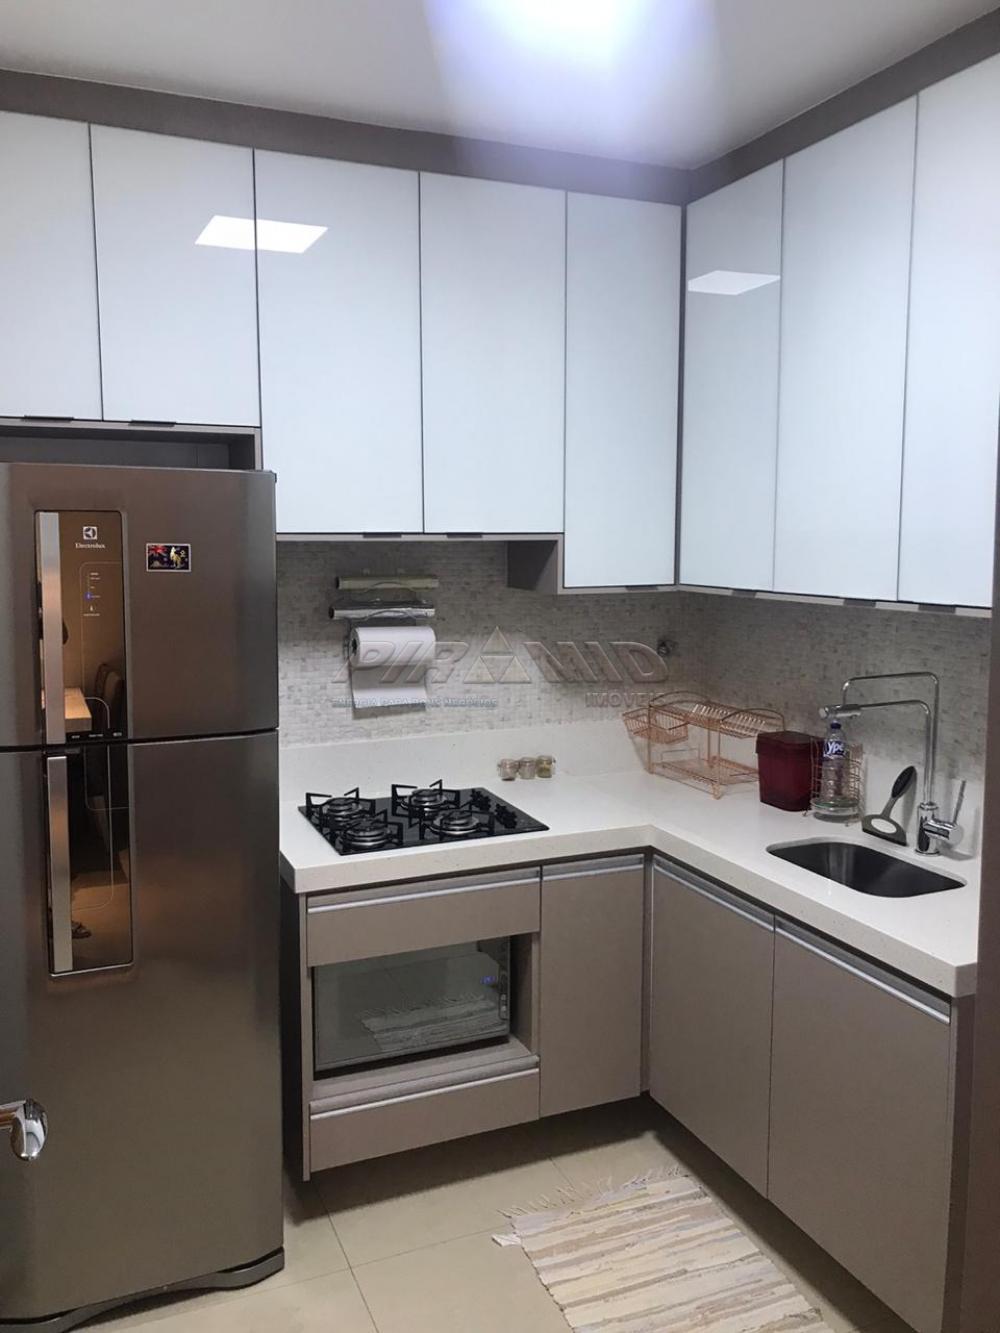 Comprar Casa / Condomínio em Ribeirão Preto apenas R$ 630.000,00 - Foto 6